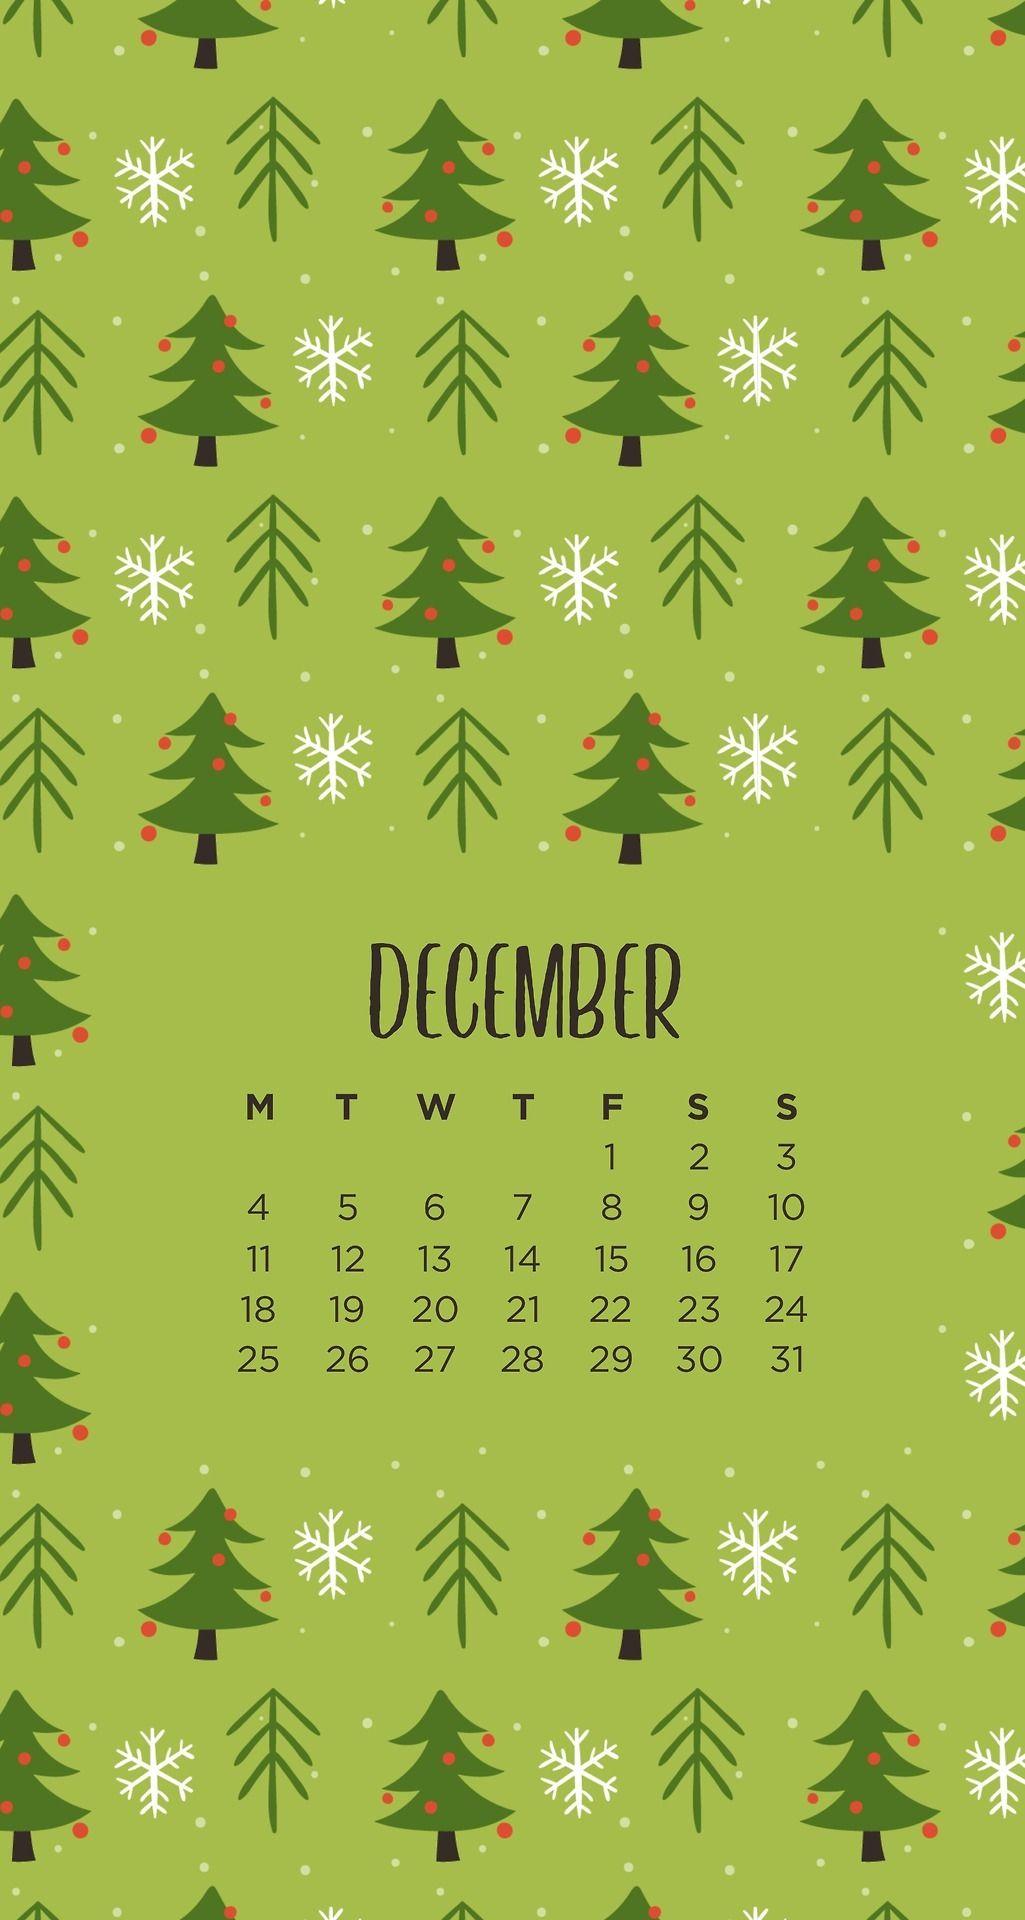 December Christmas Tree Patterned Phone Wallpapers By Emmastudies